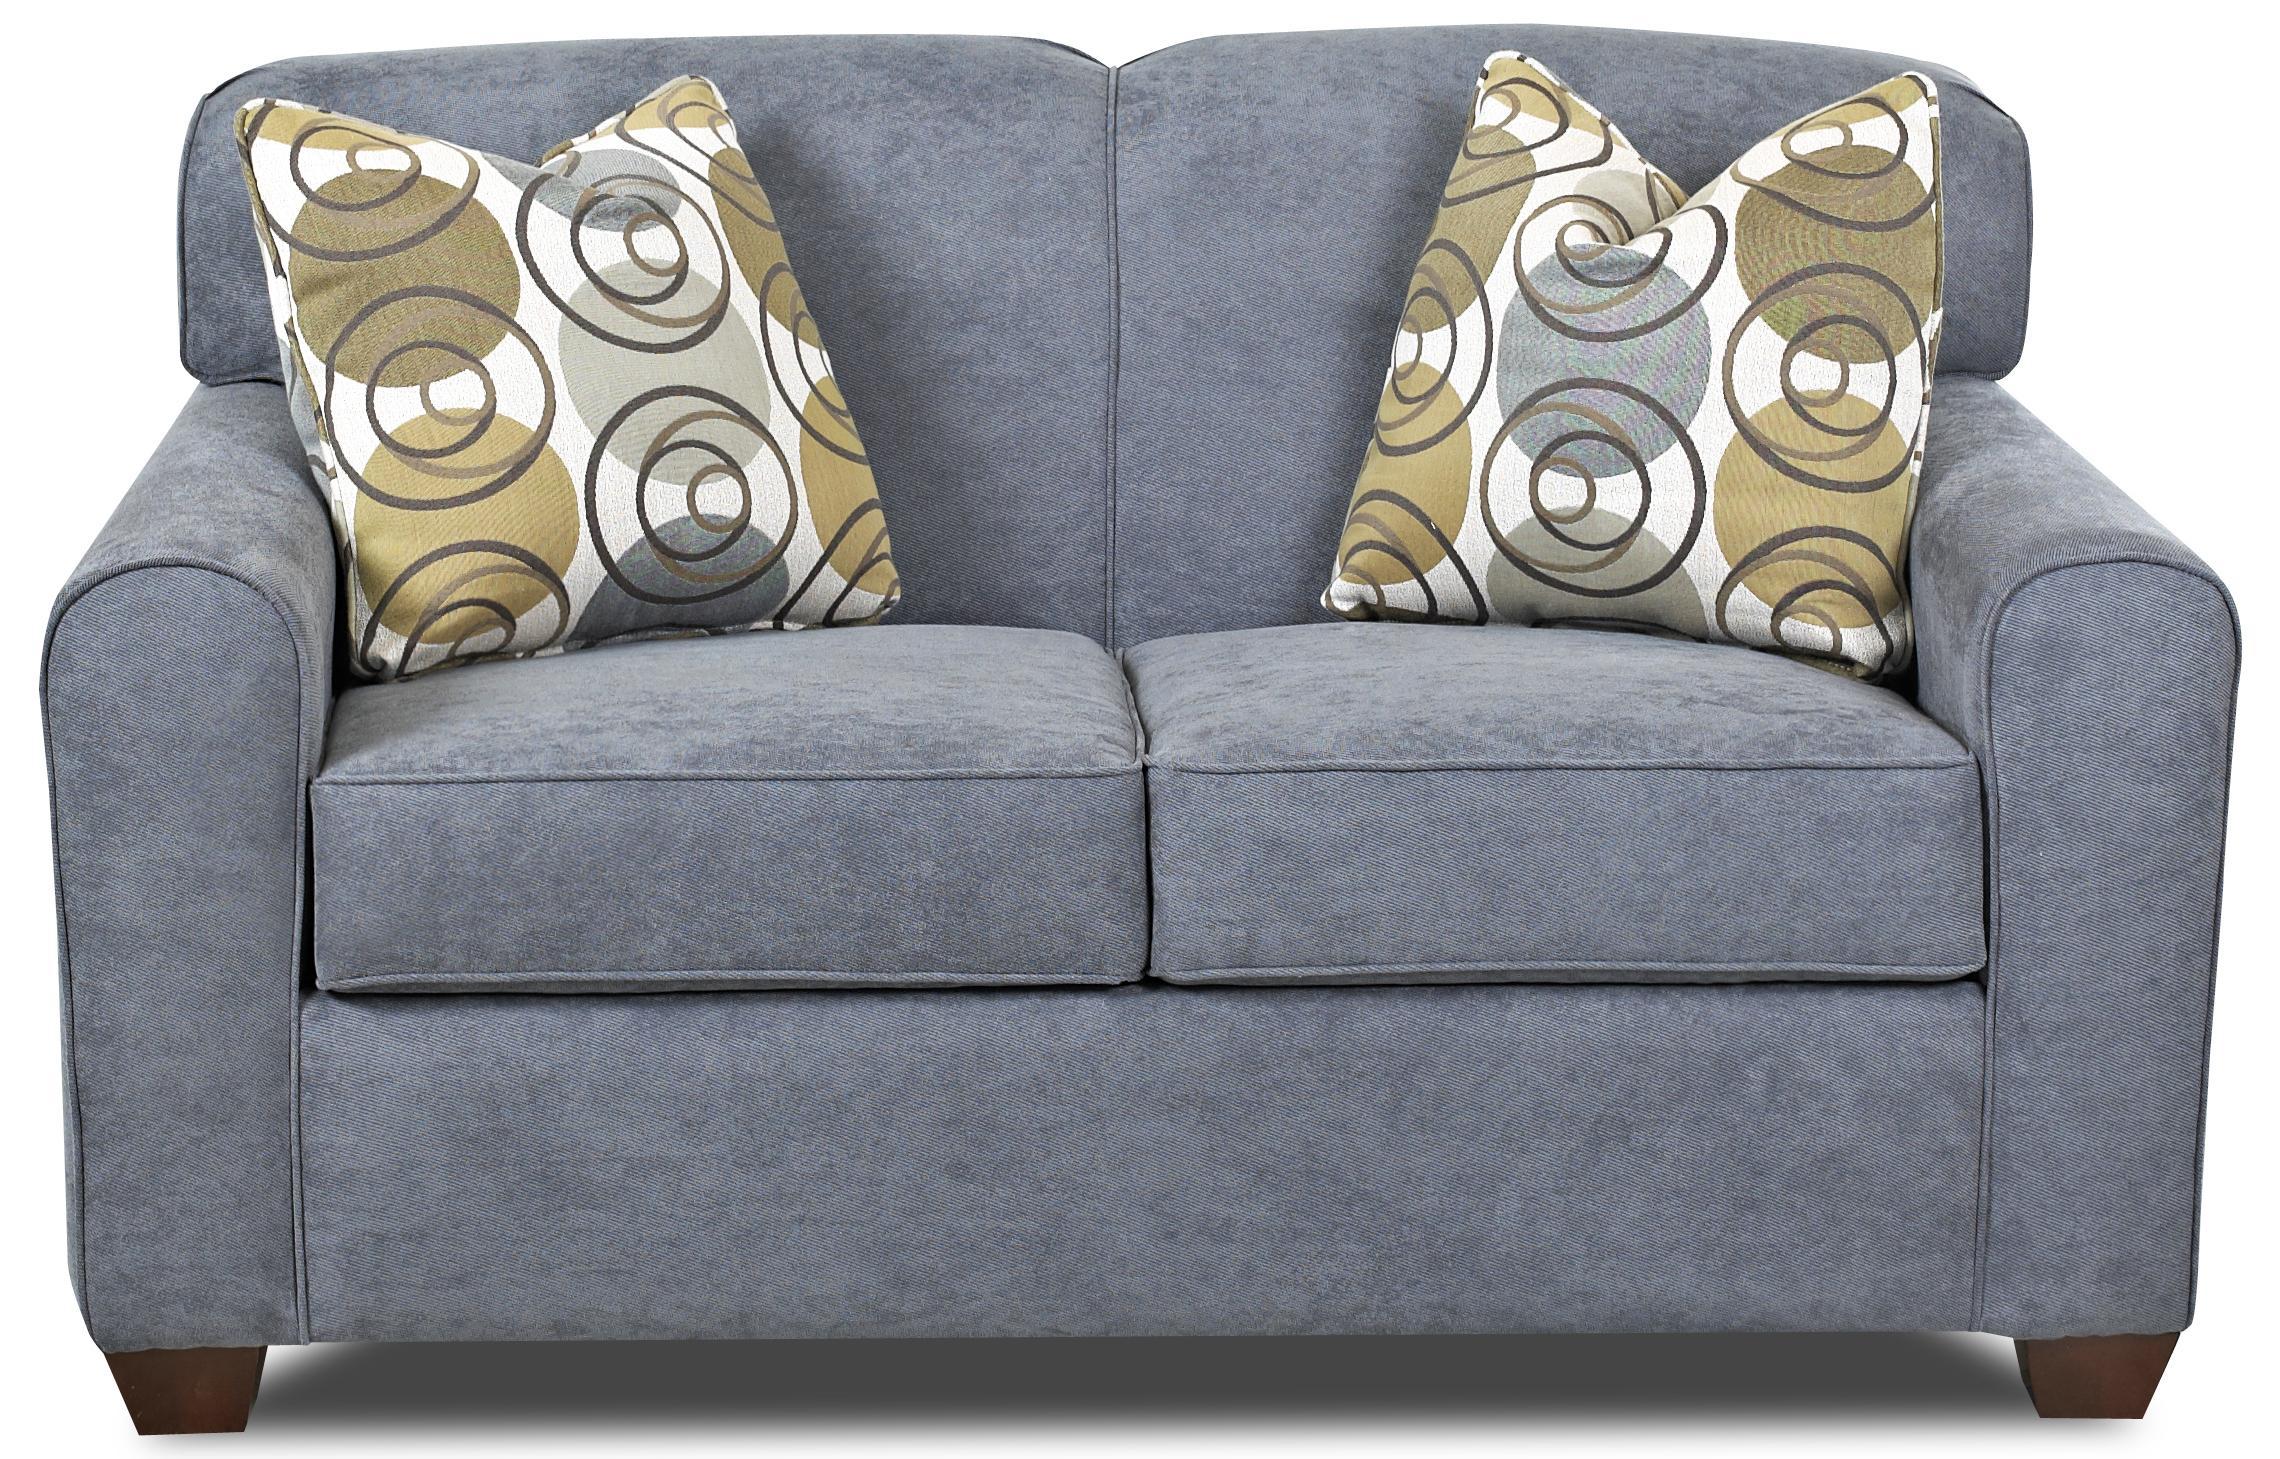 Zuma  Dreamquest Twin Sleeper by Klaussner at Lapeer Furniture & Mattress Center